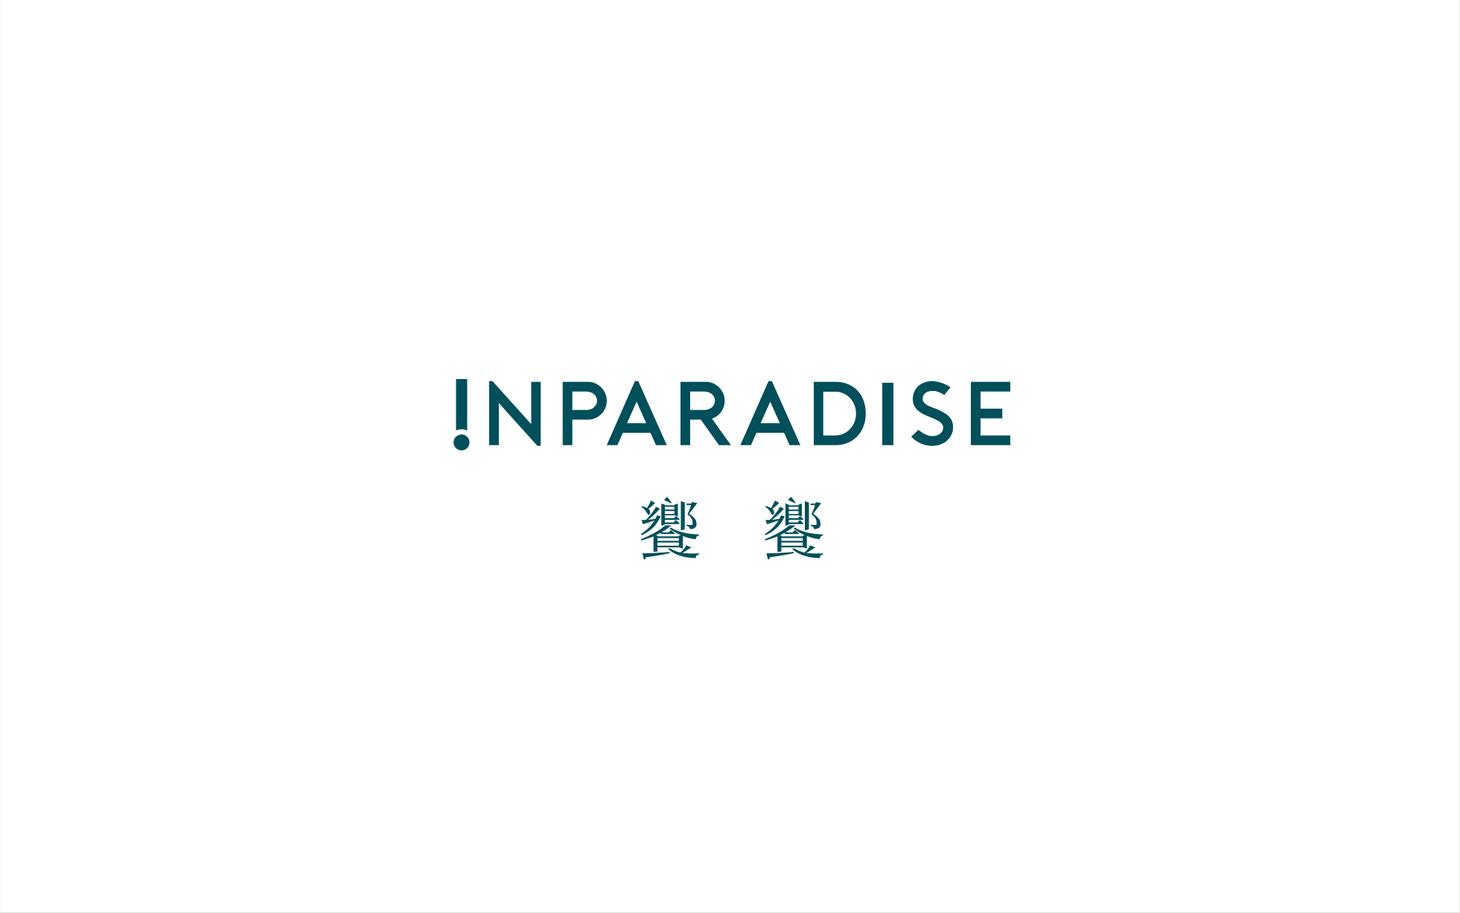 INPARADISE_Logo.jpg